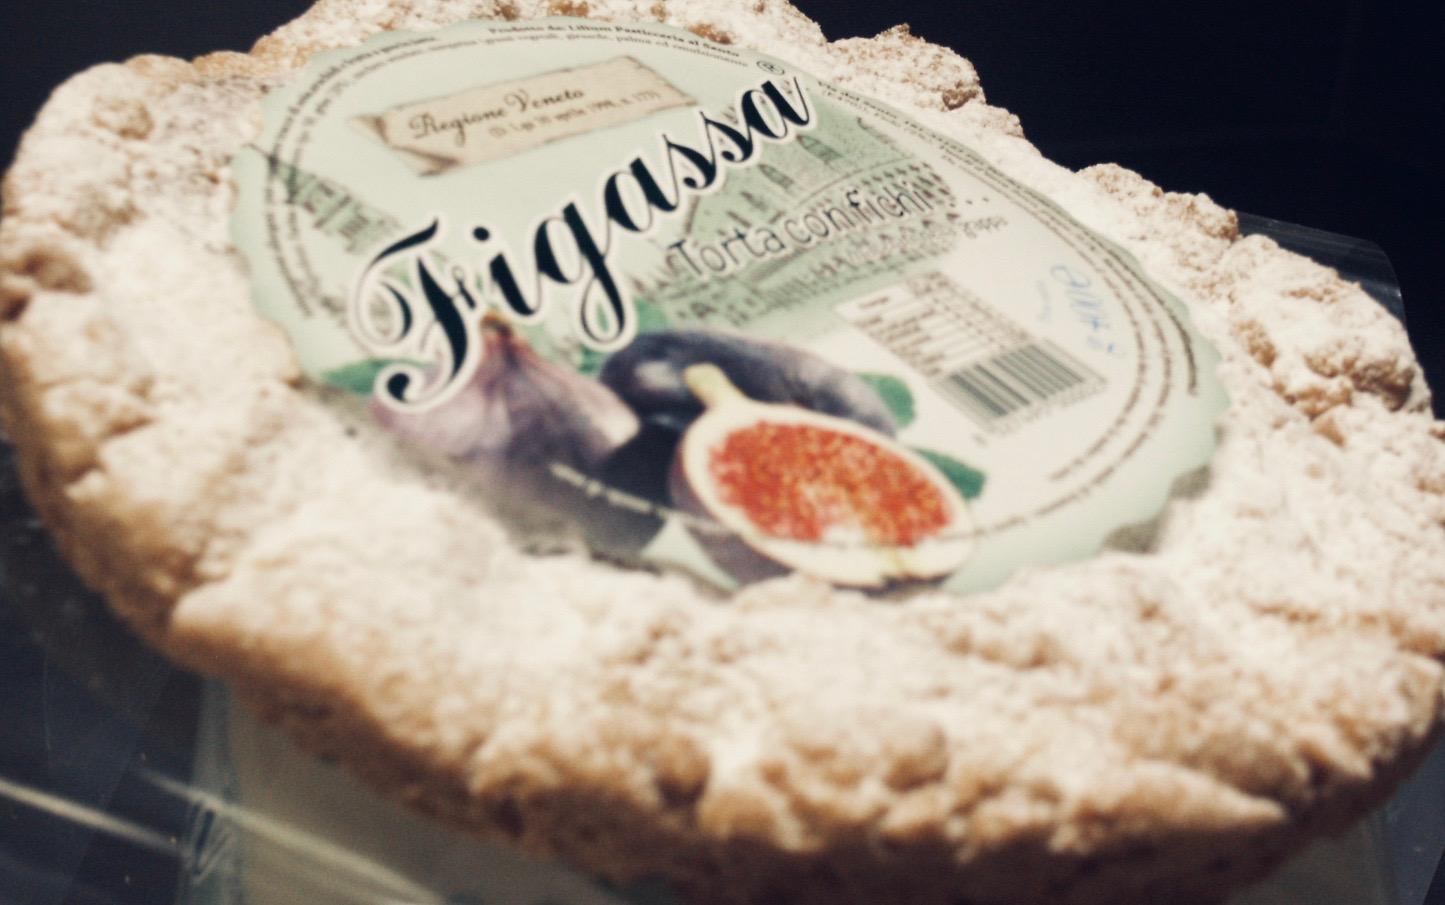 """""""Figassa"""" Torta di fichi freschi macerati in grappa di vinaccia di bassano del Grappa.Tipico dolce veneto con vista di Venezia. Tortina di origini veneziane"""